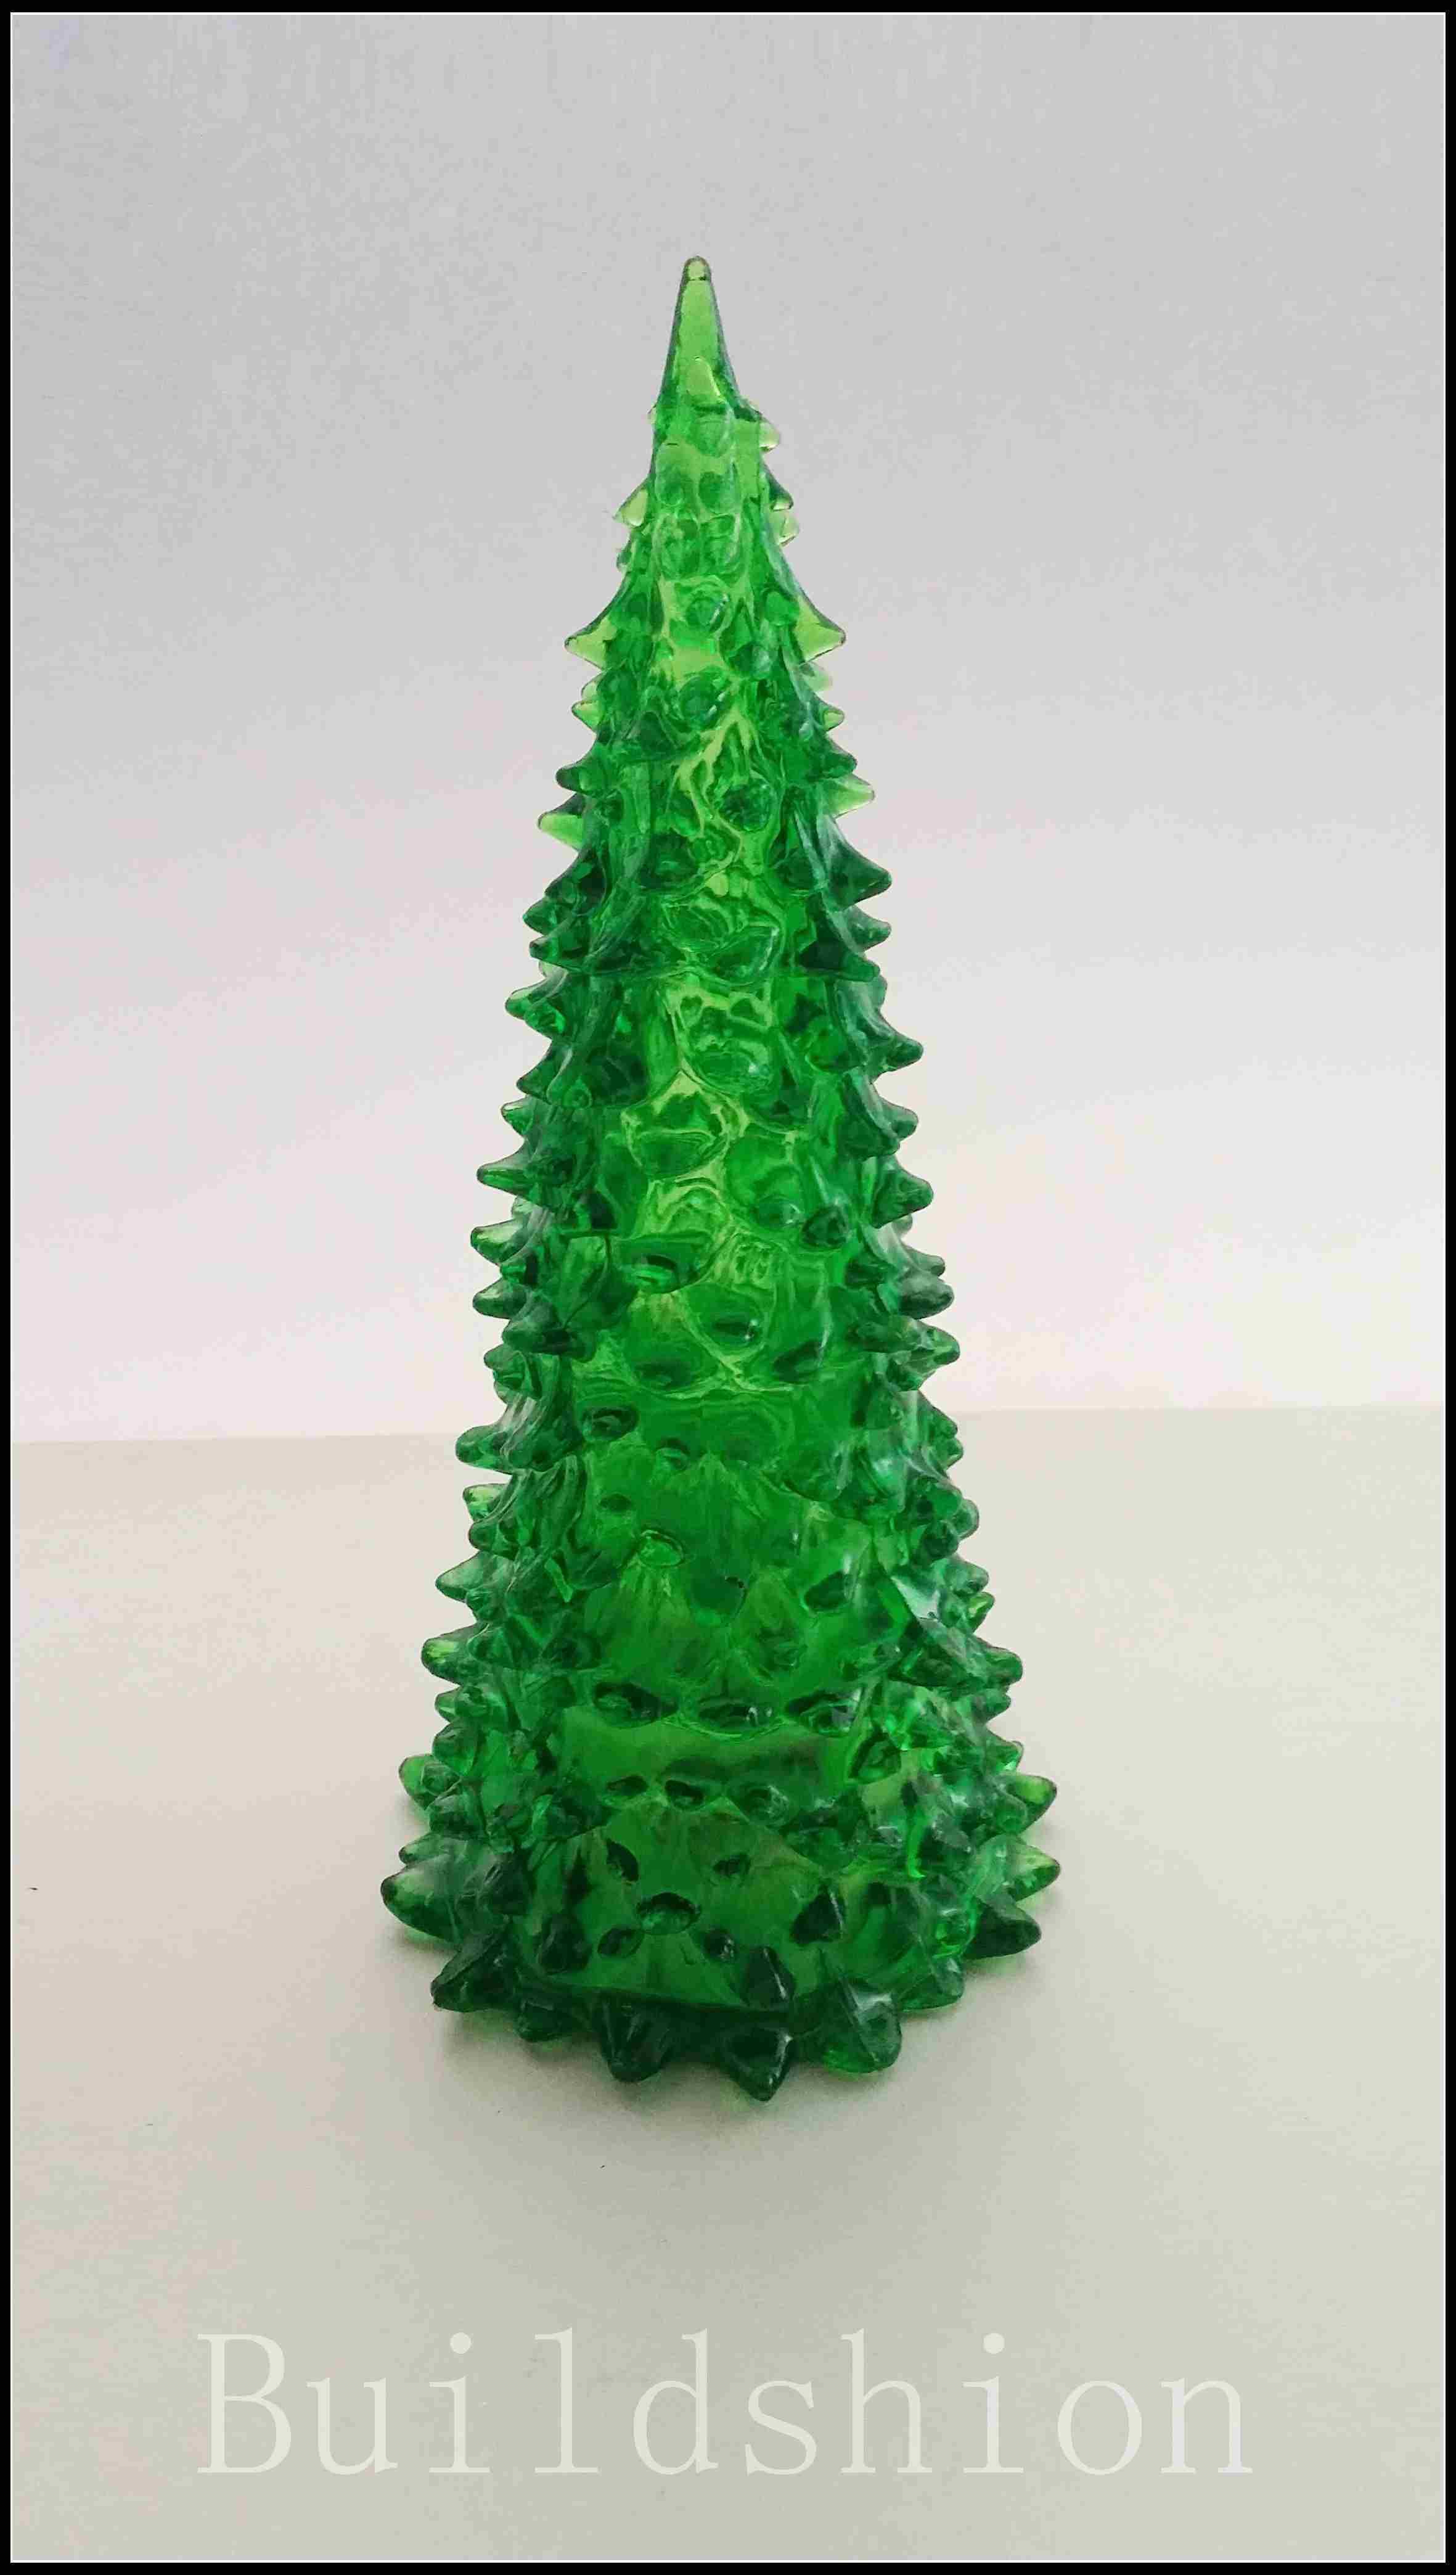 clairage led de d coration d 39 arbre de no l bl001 clairage led de d coration d 39 arbre de no l. Black Bedroom Furniture Sets. Home Design Ideas